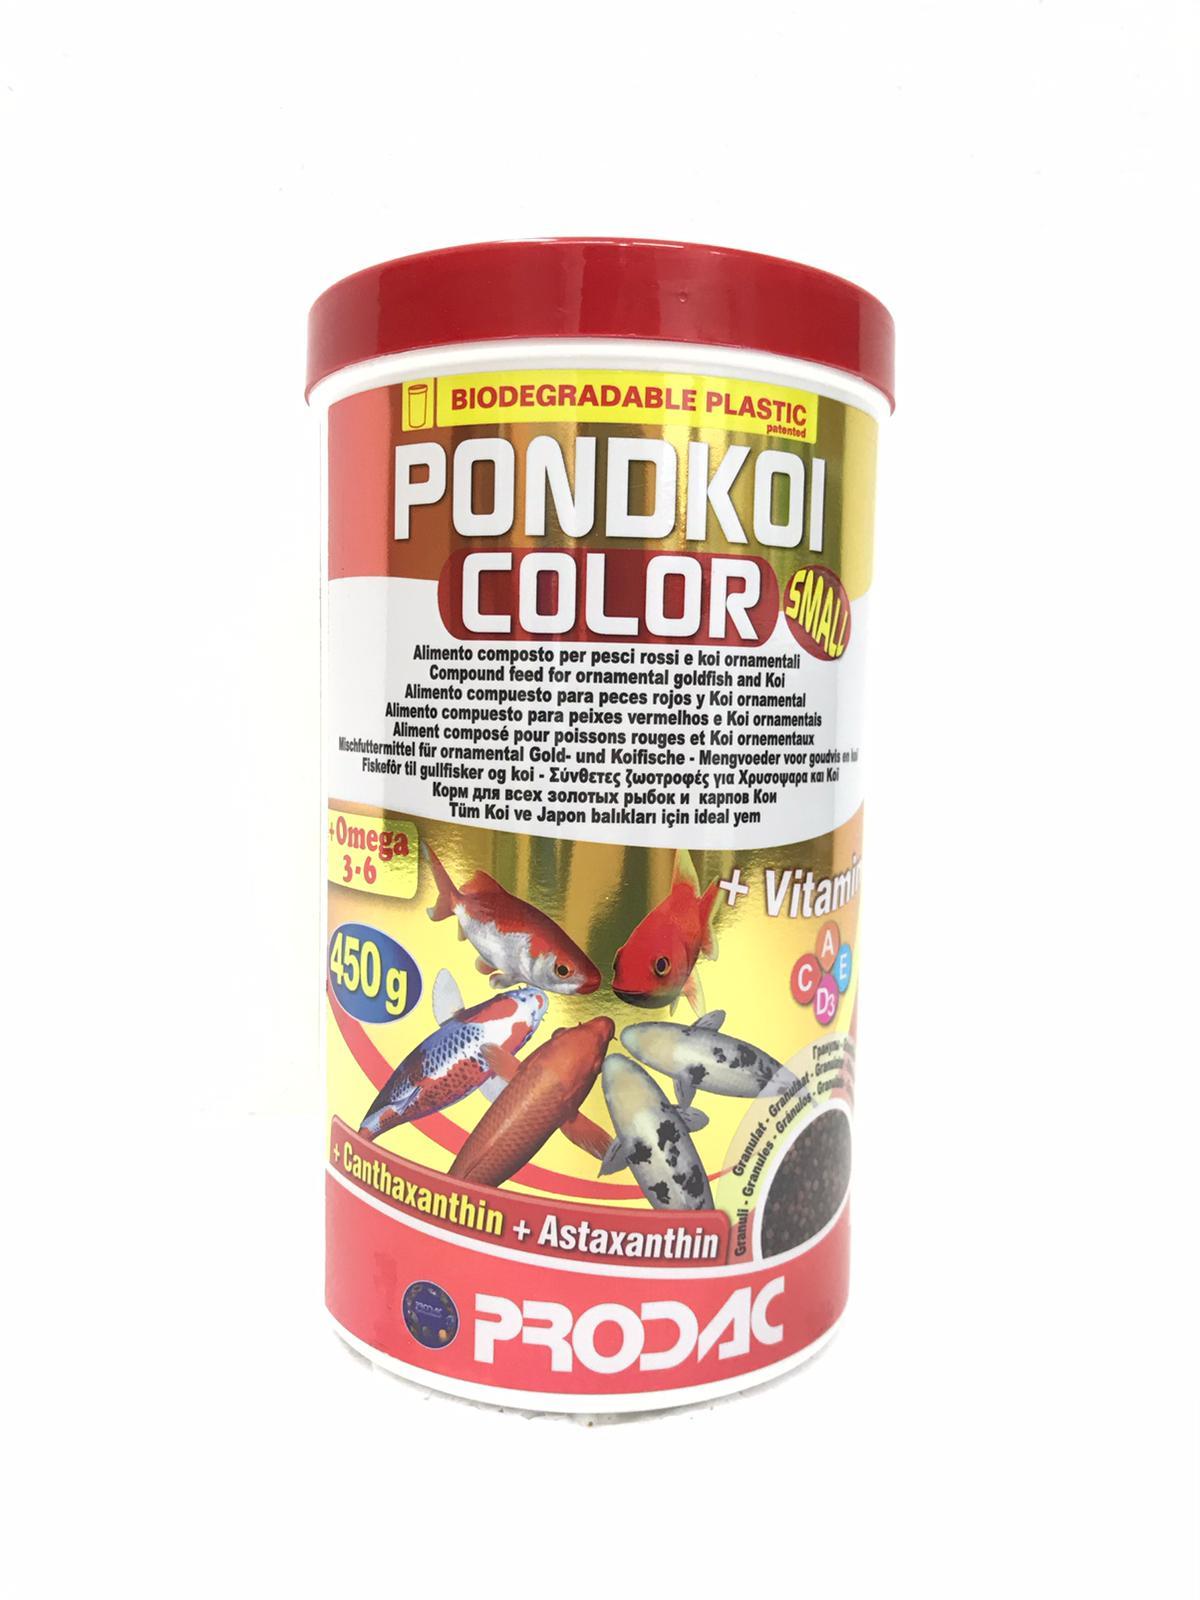 Prodac Pondkoi Color Small